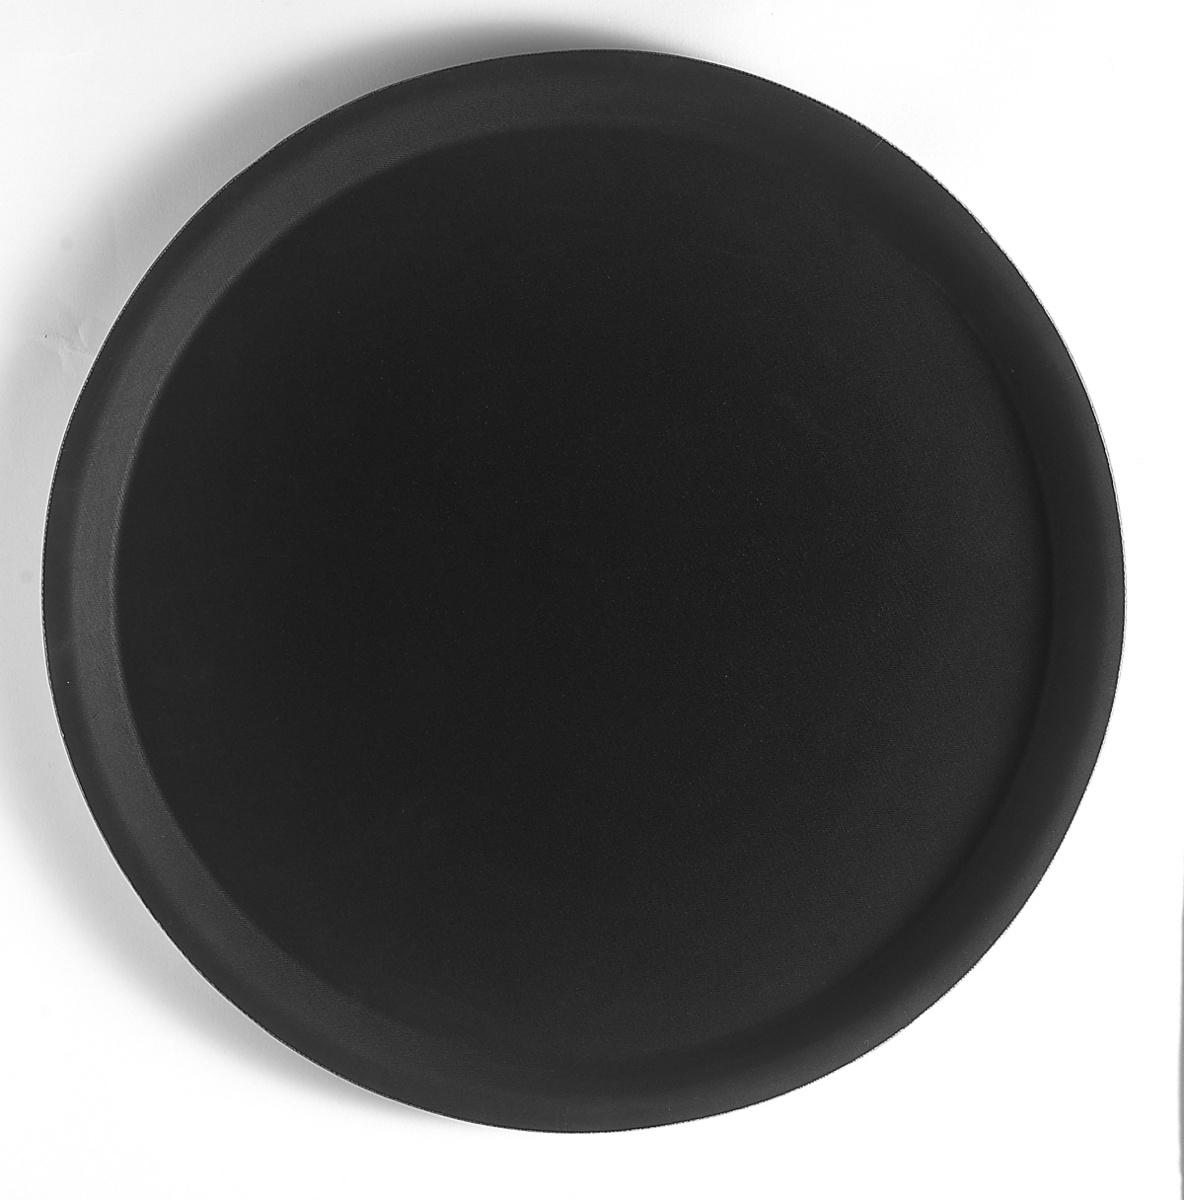 Plateau anti-dérapant rond noir plastique droit Camtread Cambro